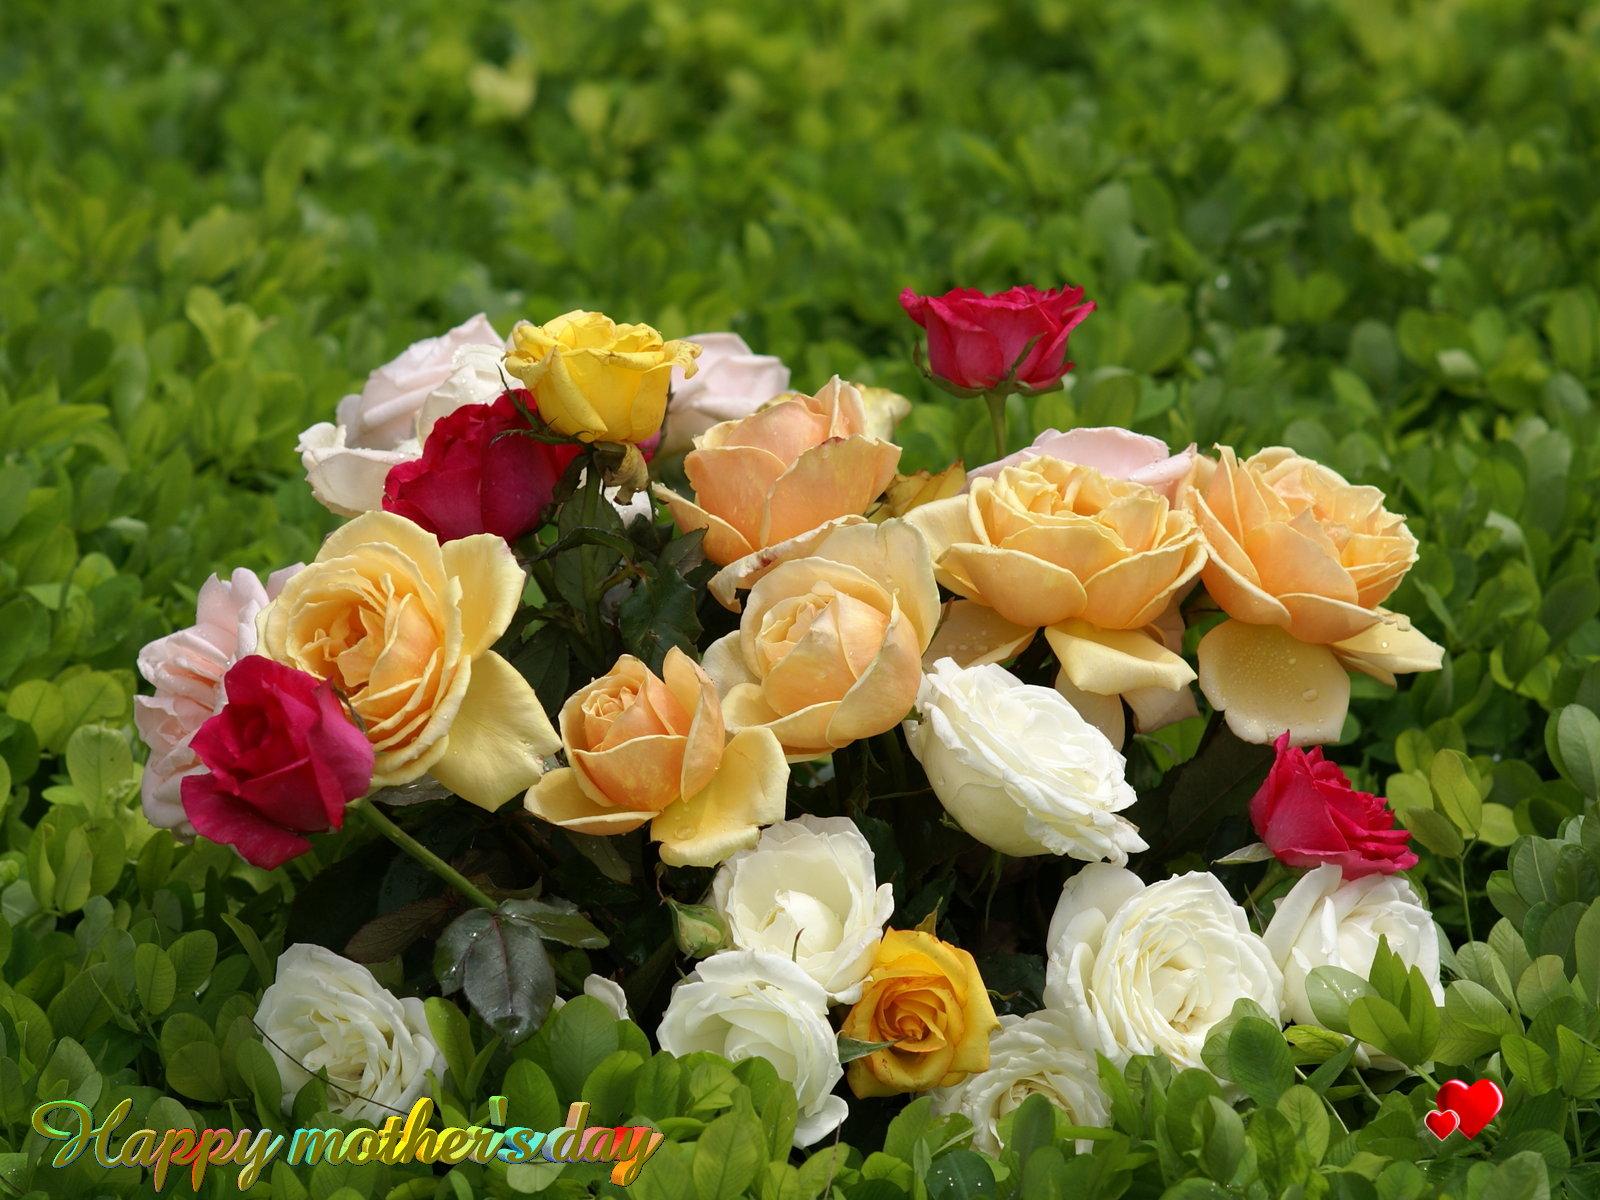 mother love wallpapers,flower,garden roses,flowering plant,julia child rose,rose